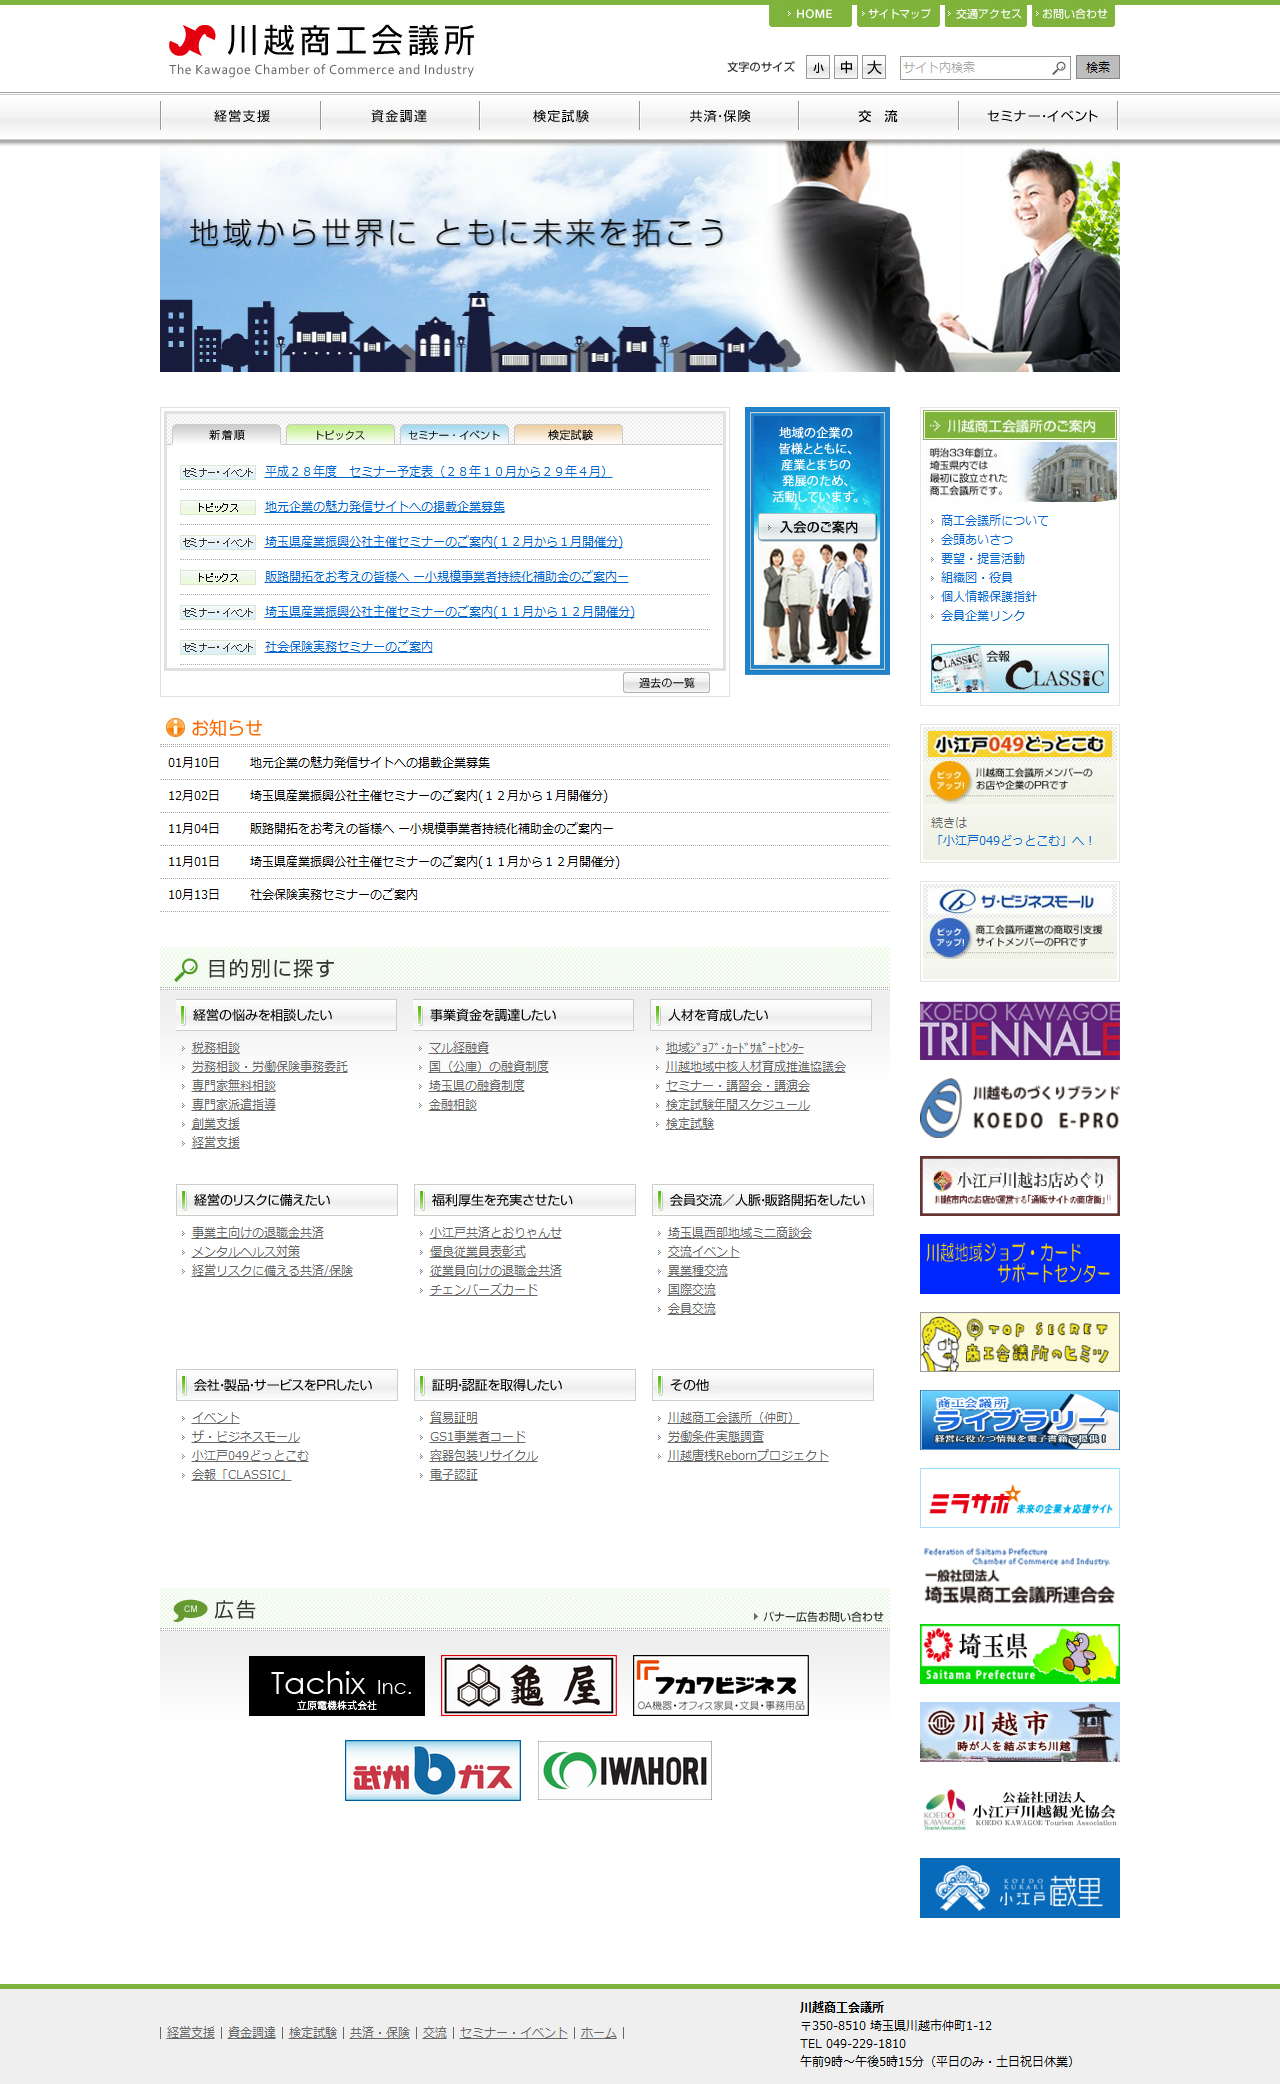 川越商工会議所様公式ホームページ